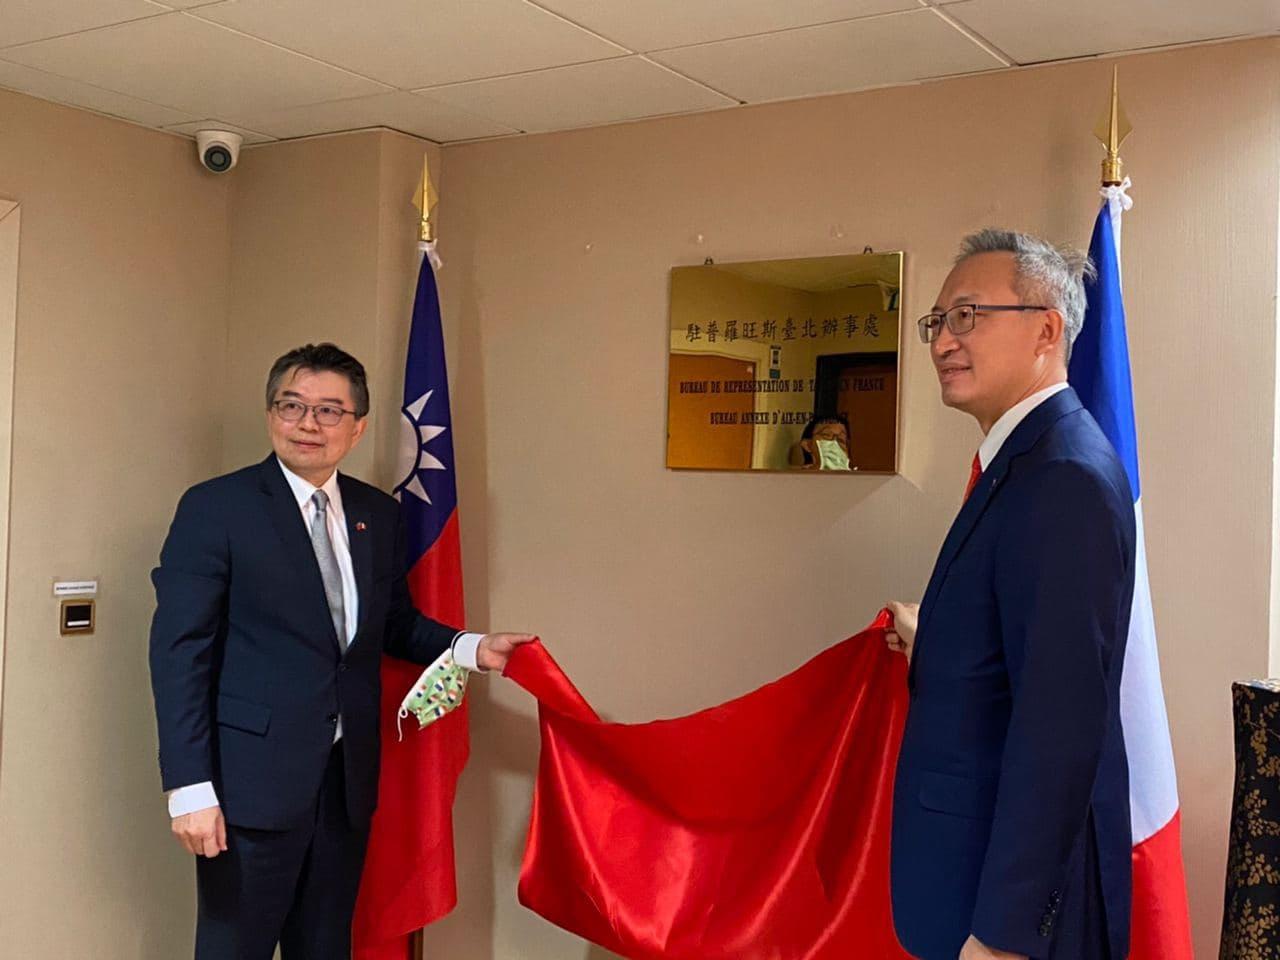 圖說一:駐法國代表吳志中(右)及駐普羅旺斯辦事處處長辛繼志(左)共同揭幕.jpg